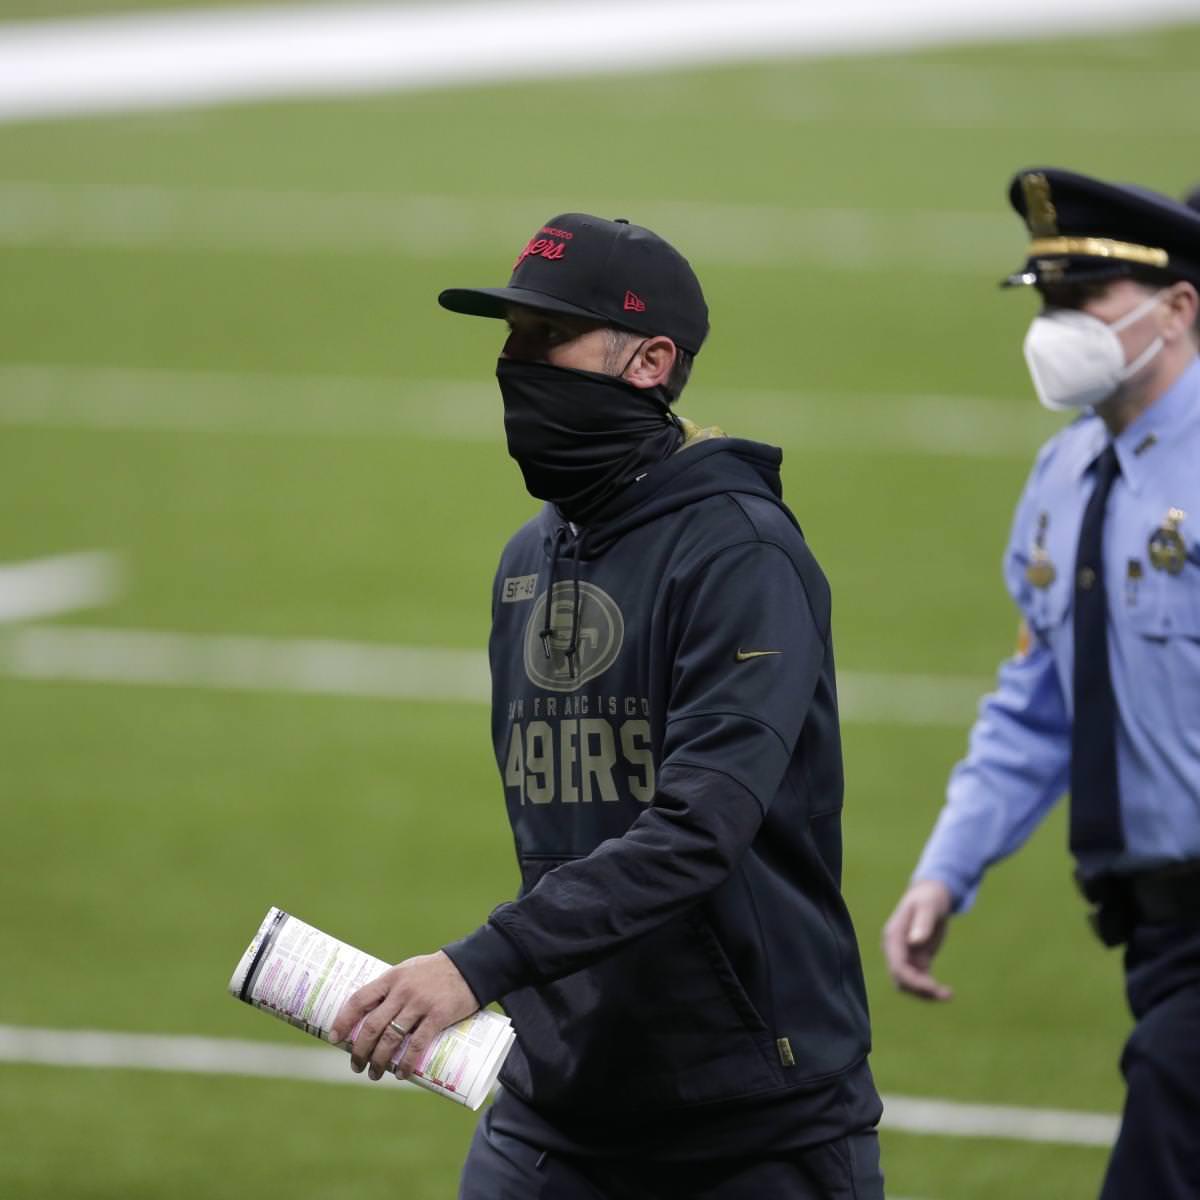 3 perspectivas para o draft da NFL de 2021, o 49ers já deveria estar explorando